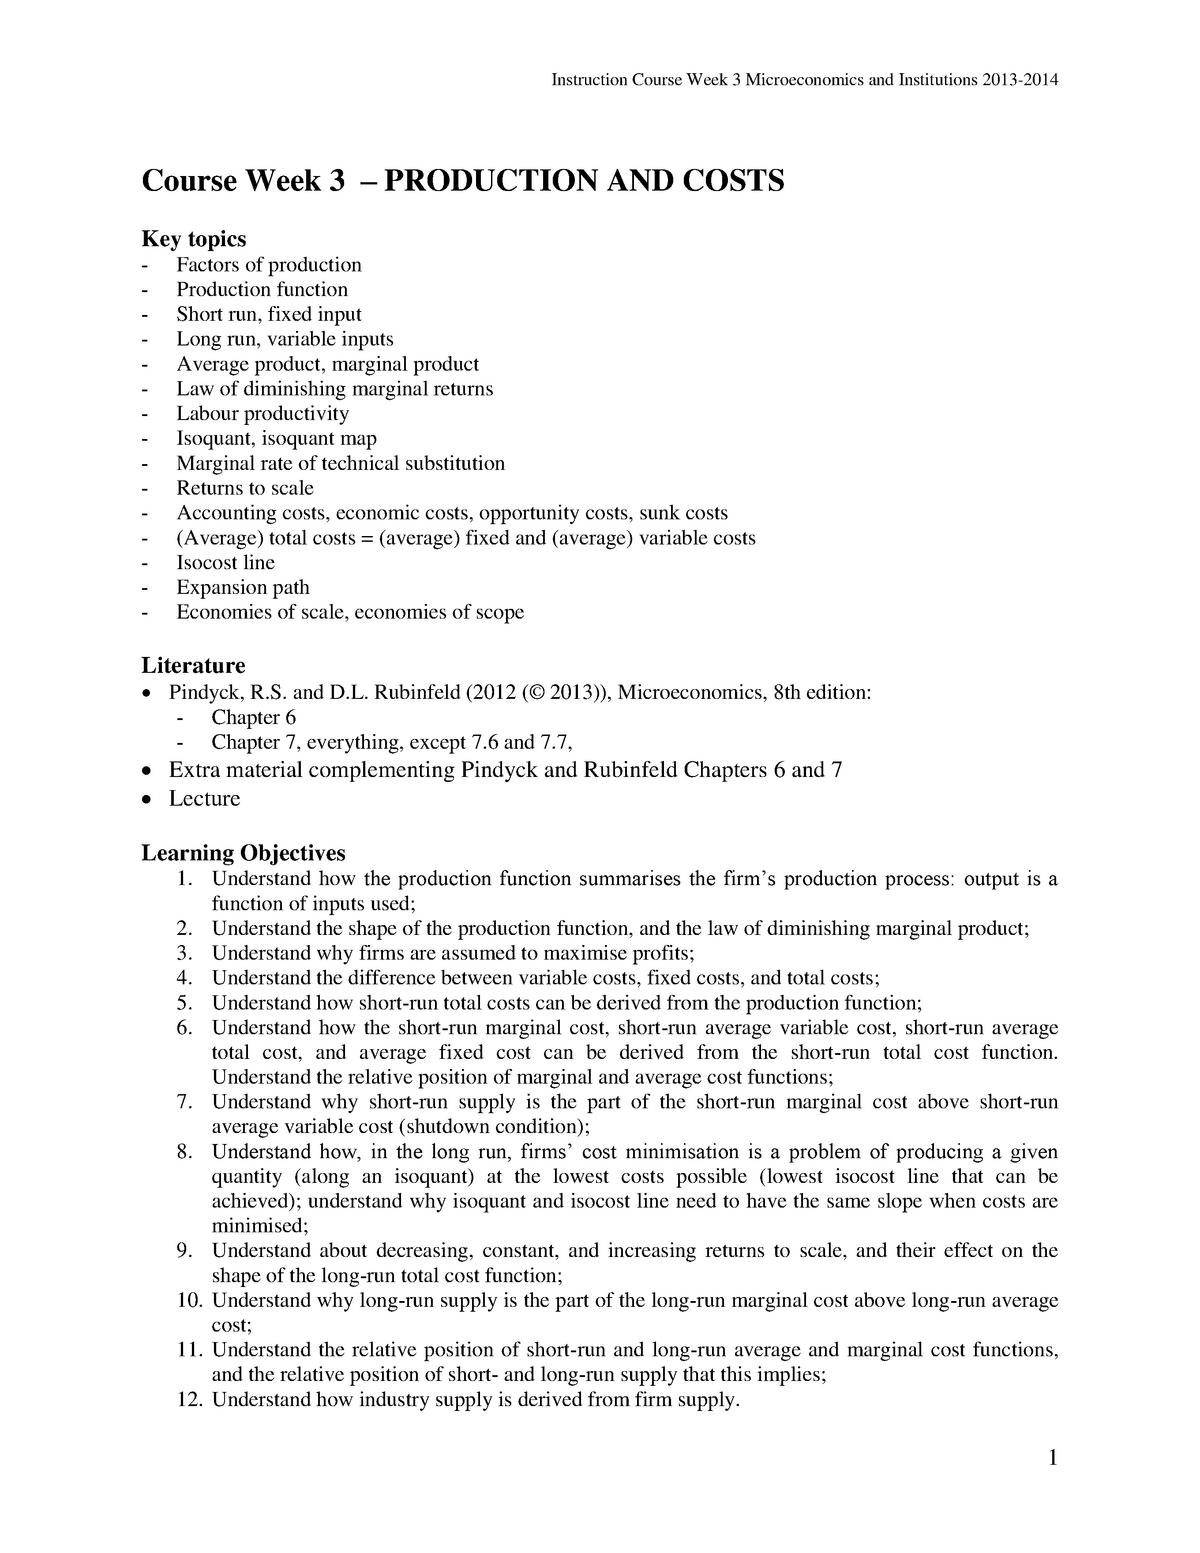 Workgroup elaborations week 3-6 & 8 questions - StudeerSnel